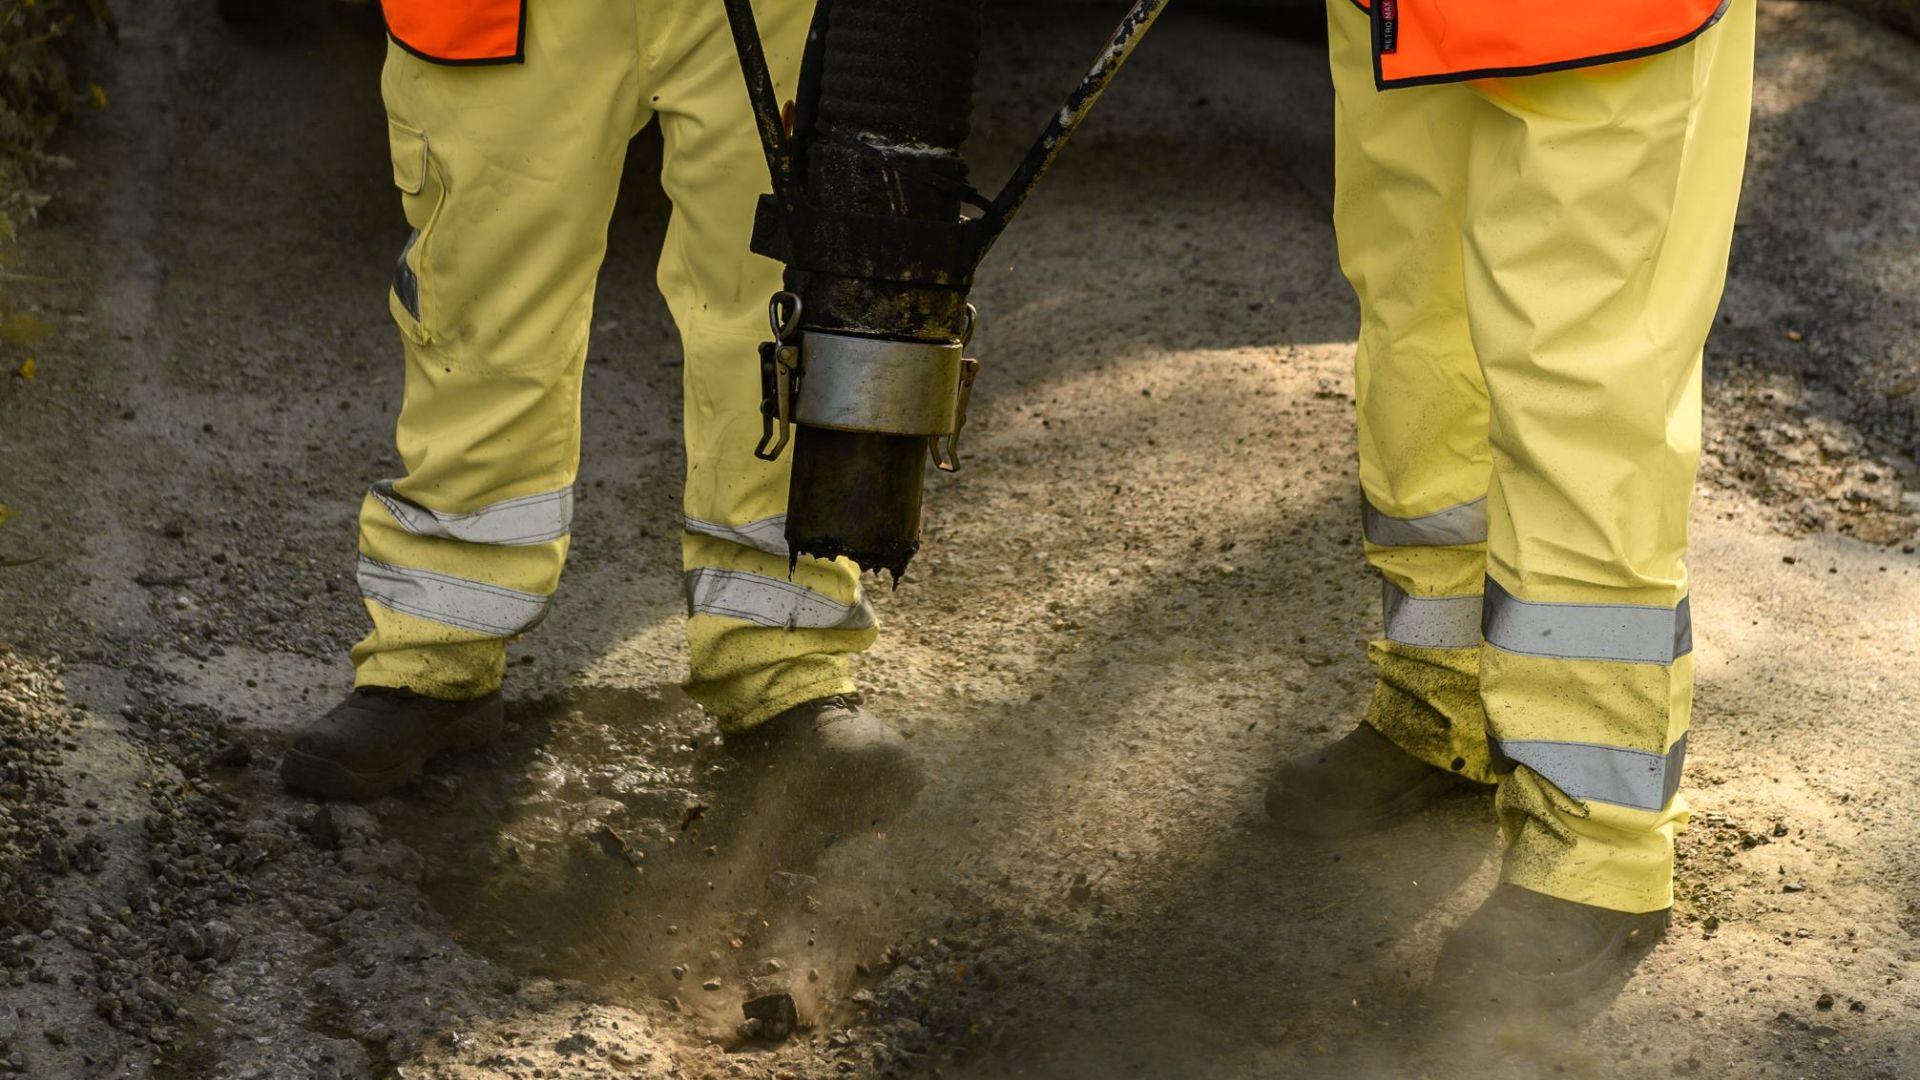 £2.5billion not enough to fix UK's pothole problem